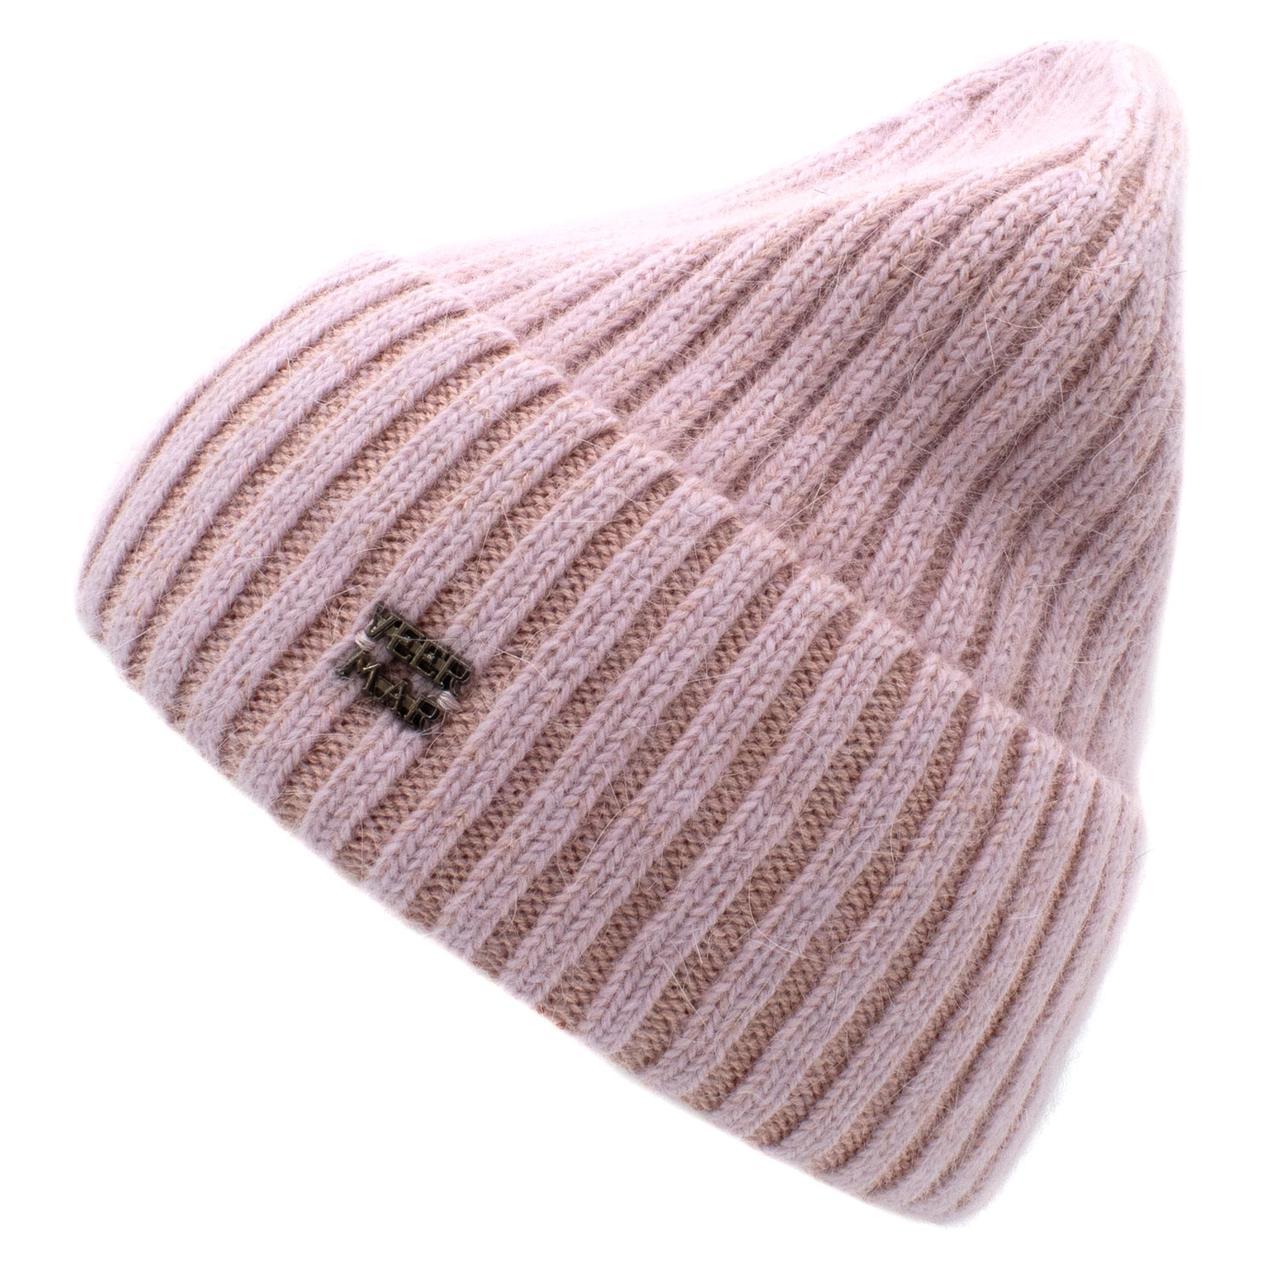 Шапка женская Veer Mar Саванна  розовая       ( SH9172-253-213 m )